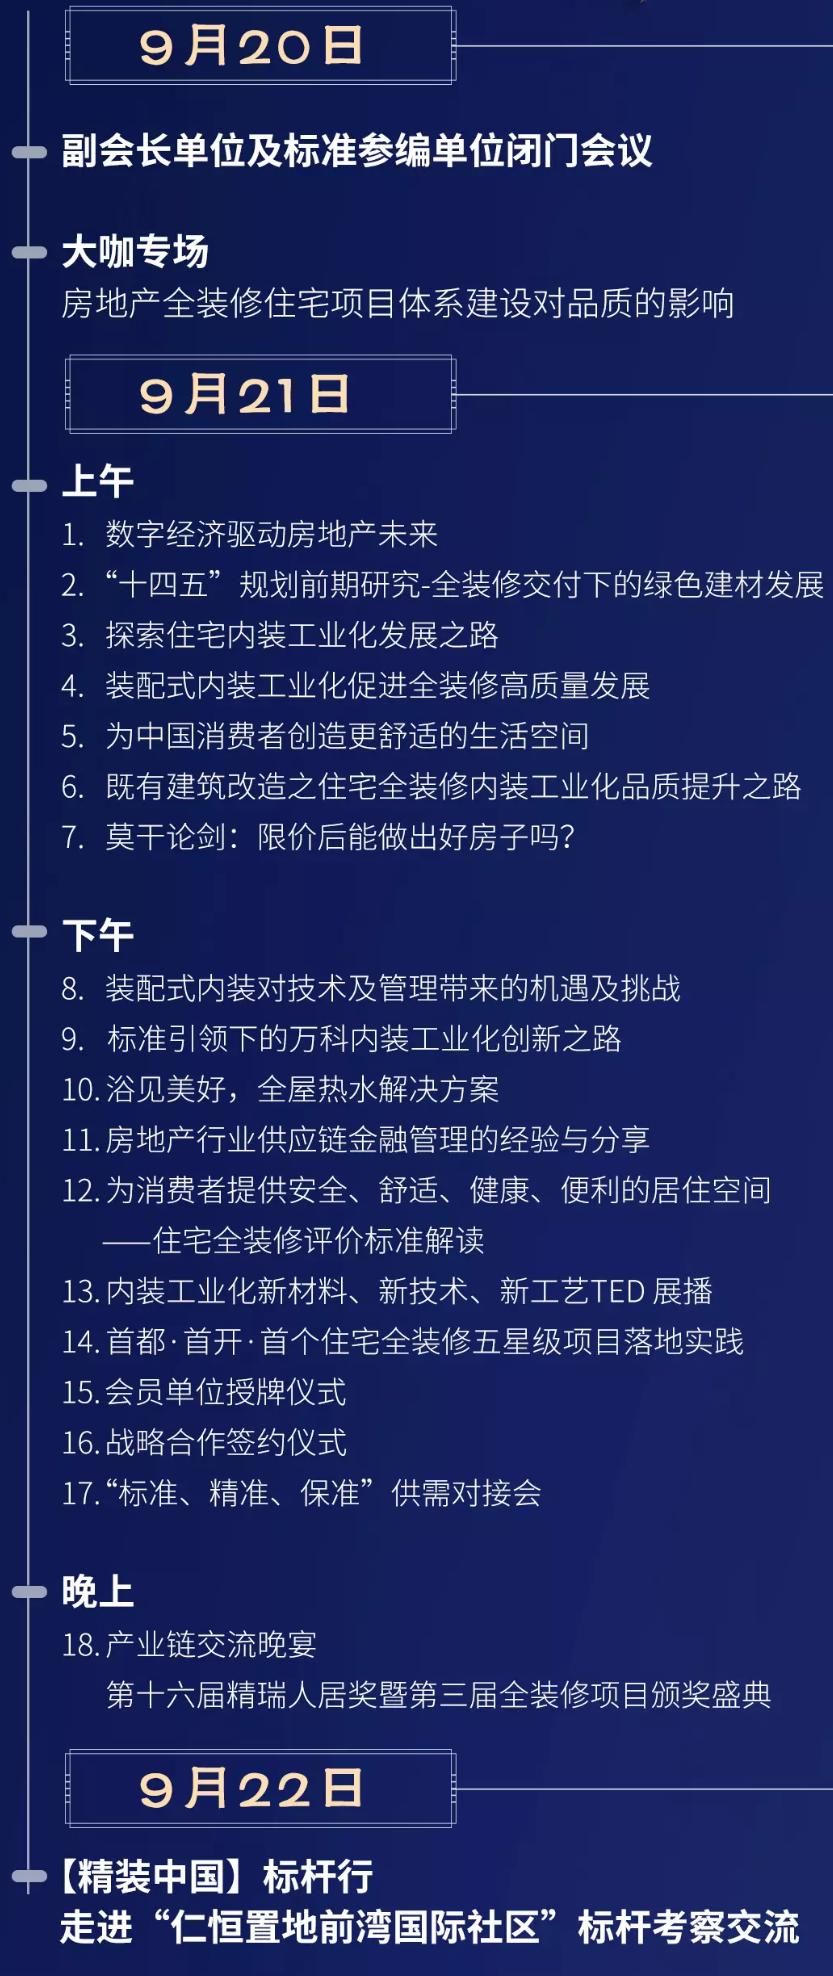 标准筑美好·追梦星未来—2019第三届全装修产业领袖峰会暨内装工业化国际论坛(杭州)